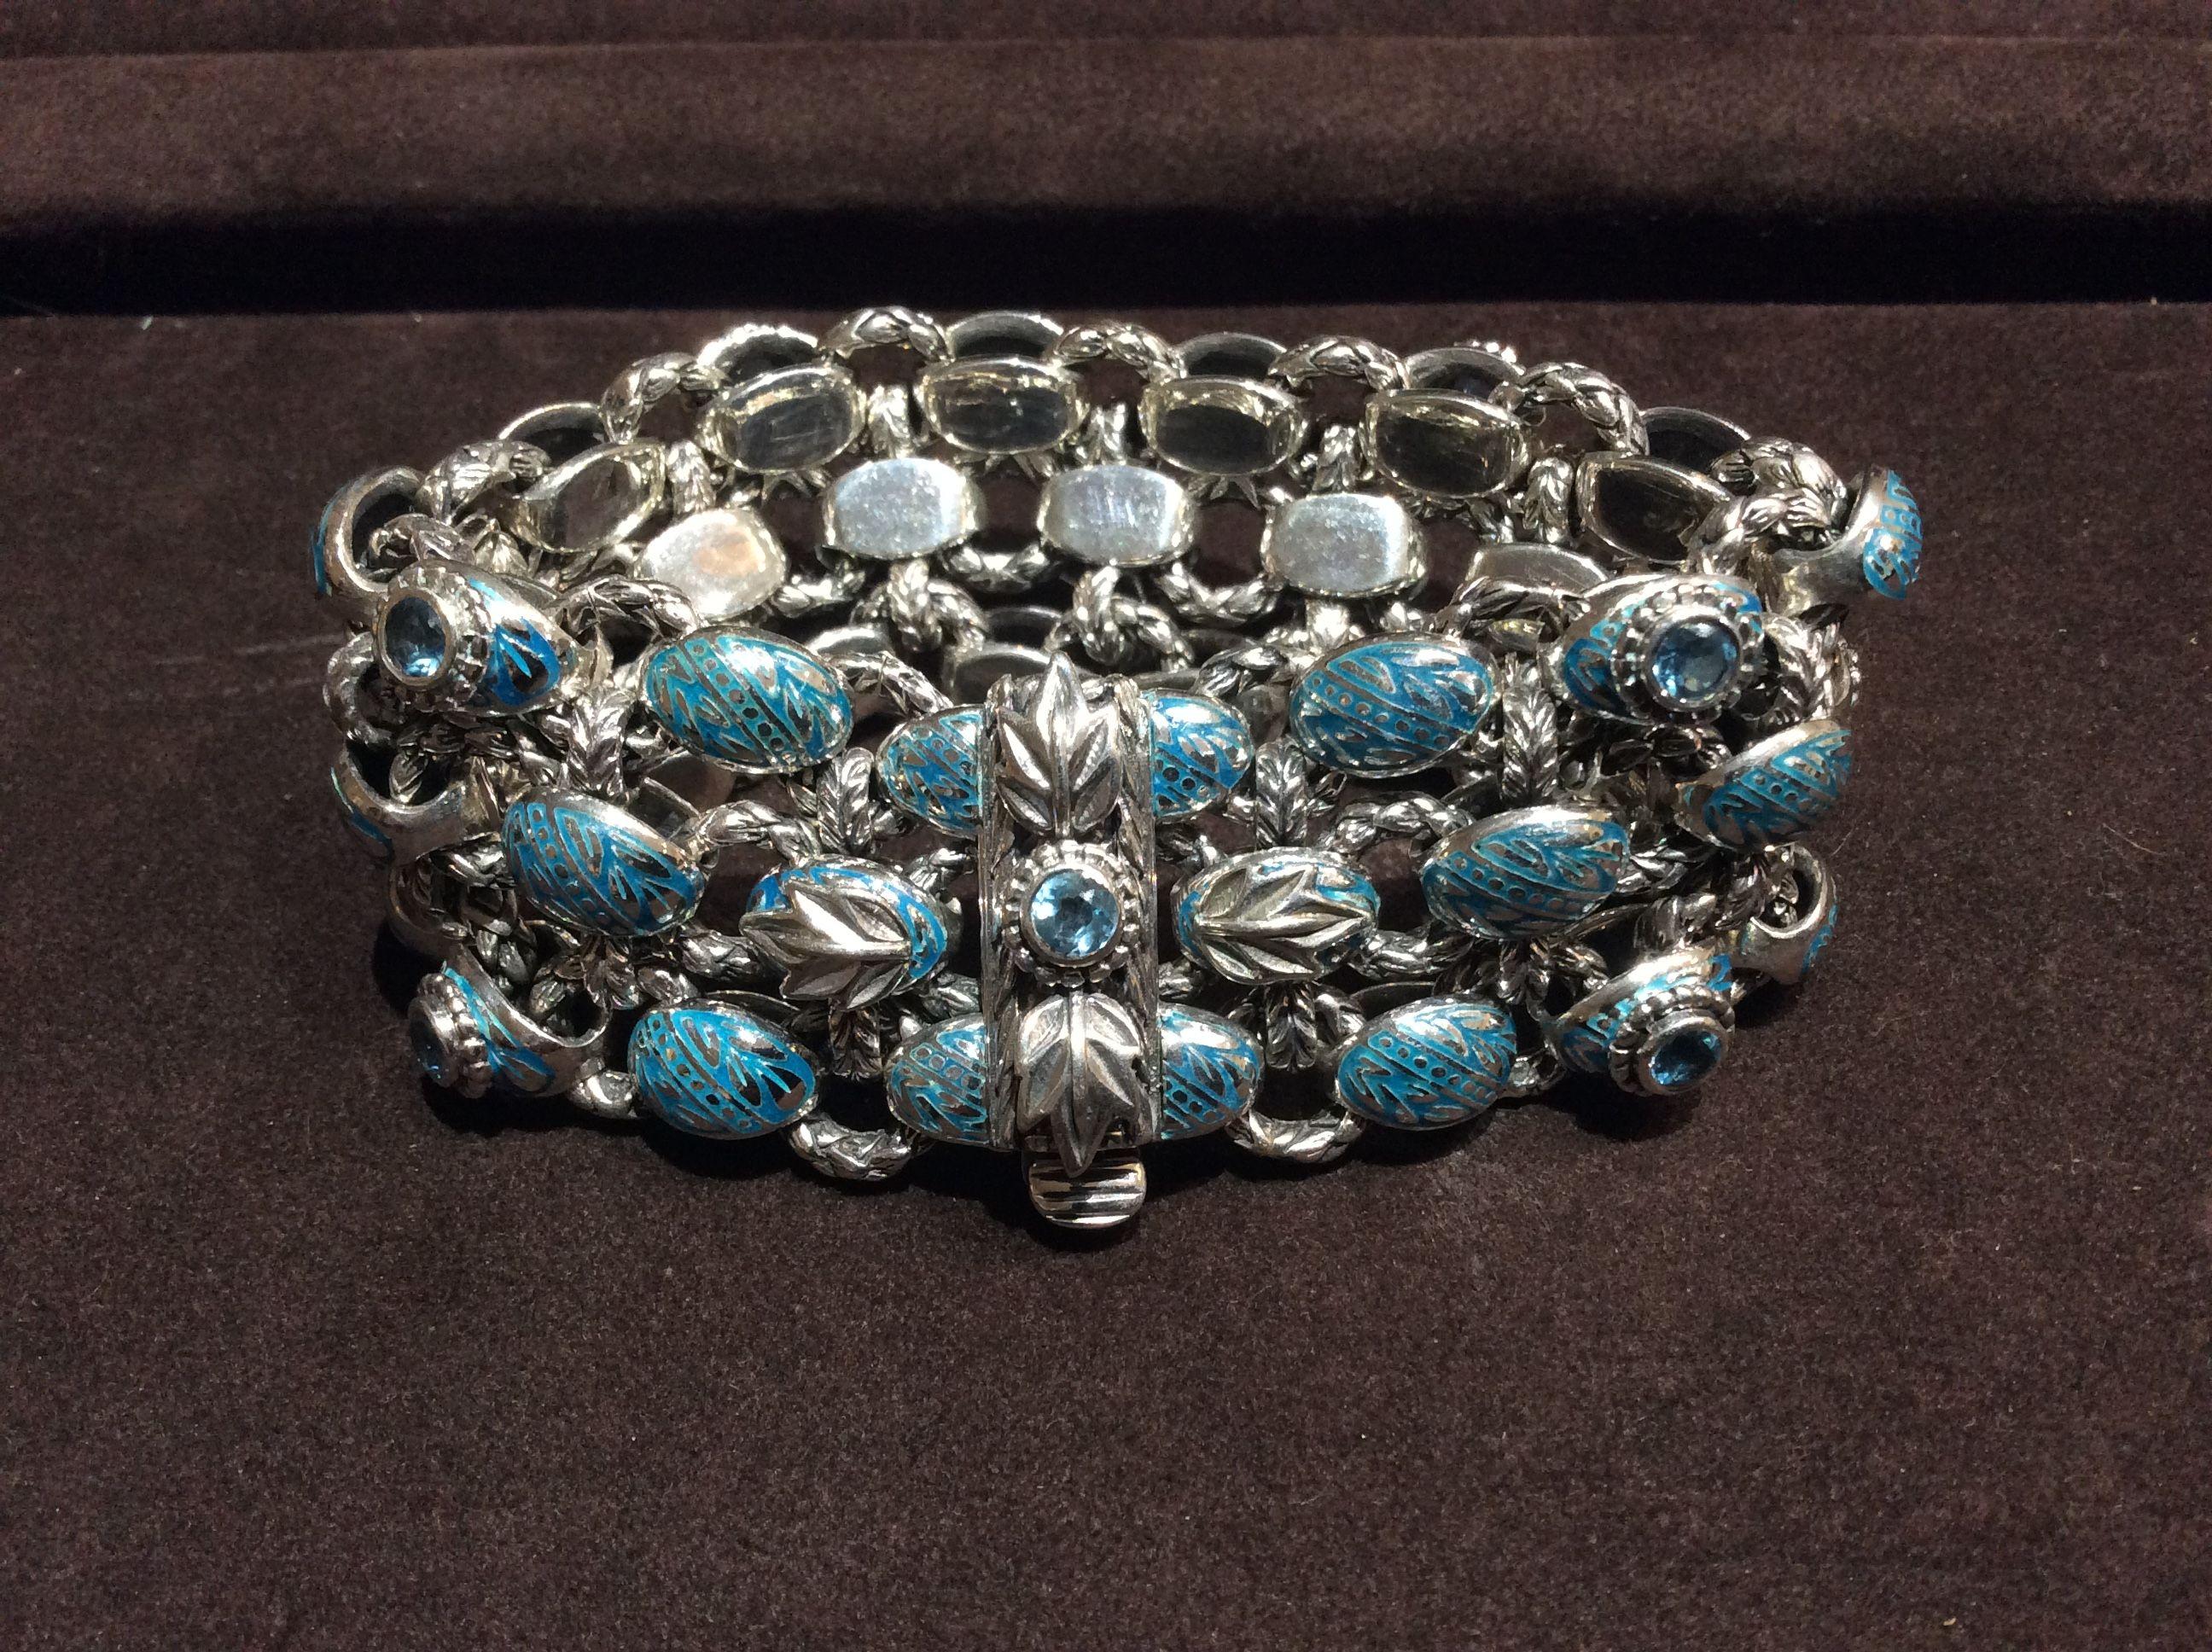 Handmade Sterling Silver, enamel, and Swiss Blue Topaz Laurel Leaf bracelet by Bowman Originals.